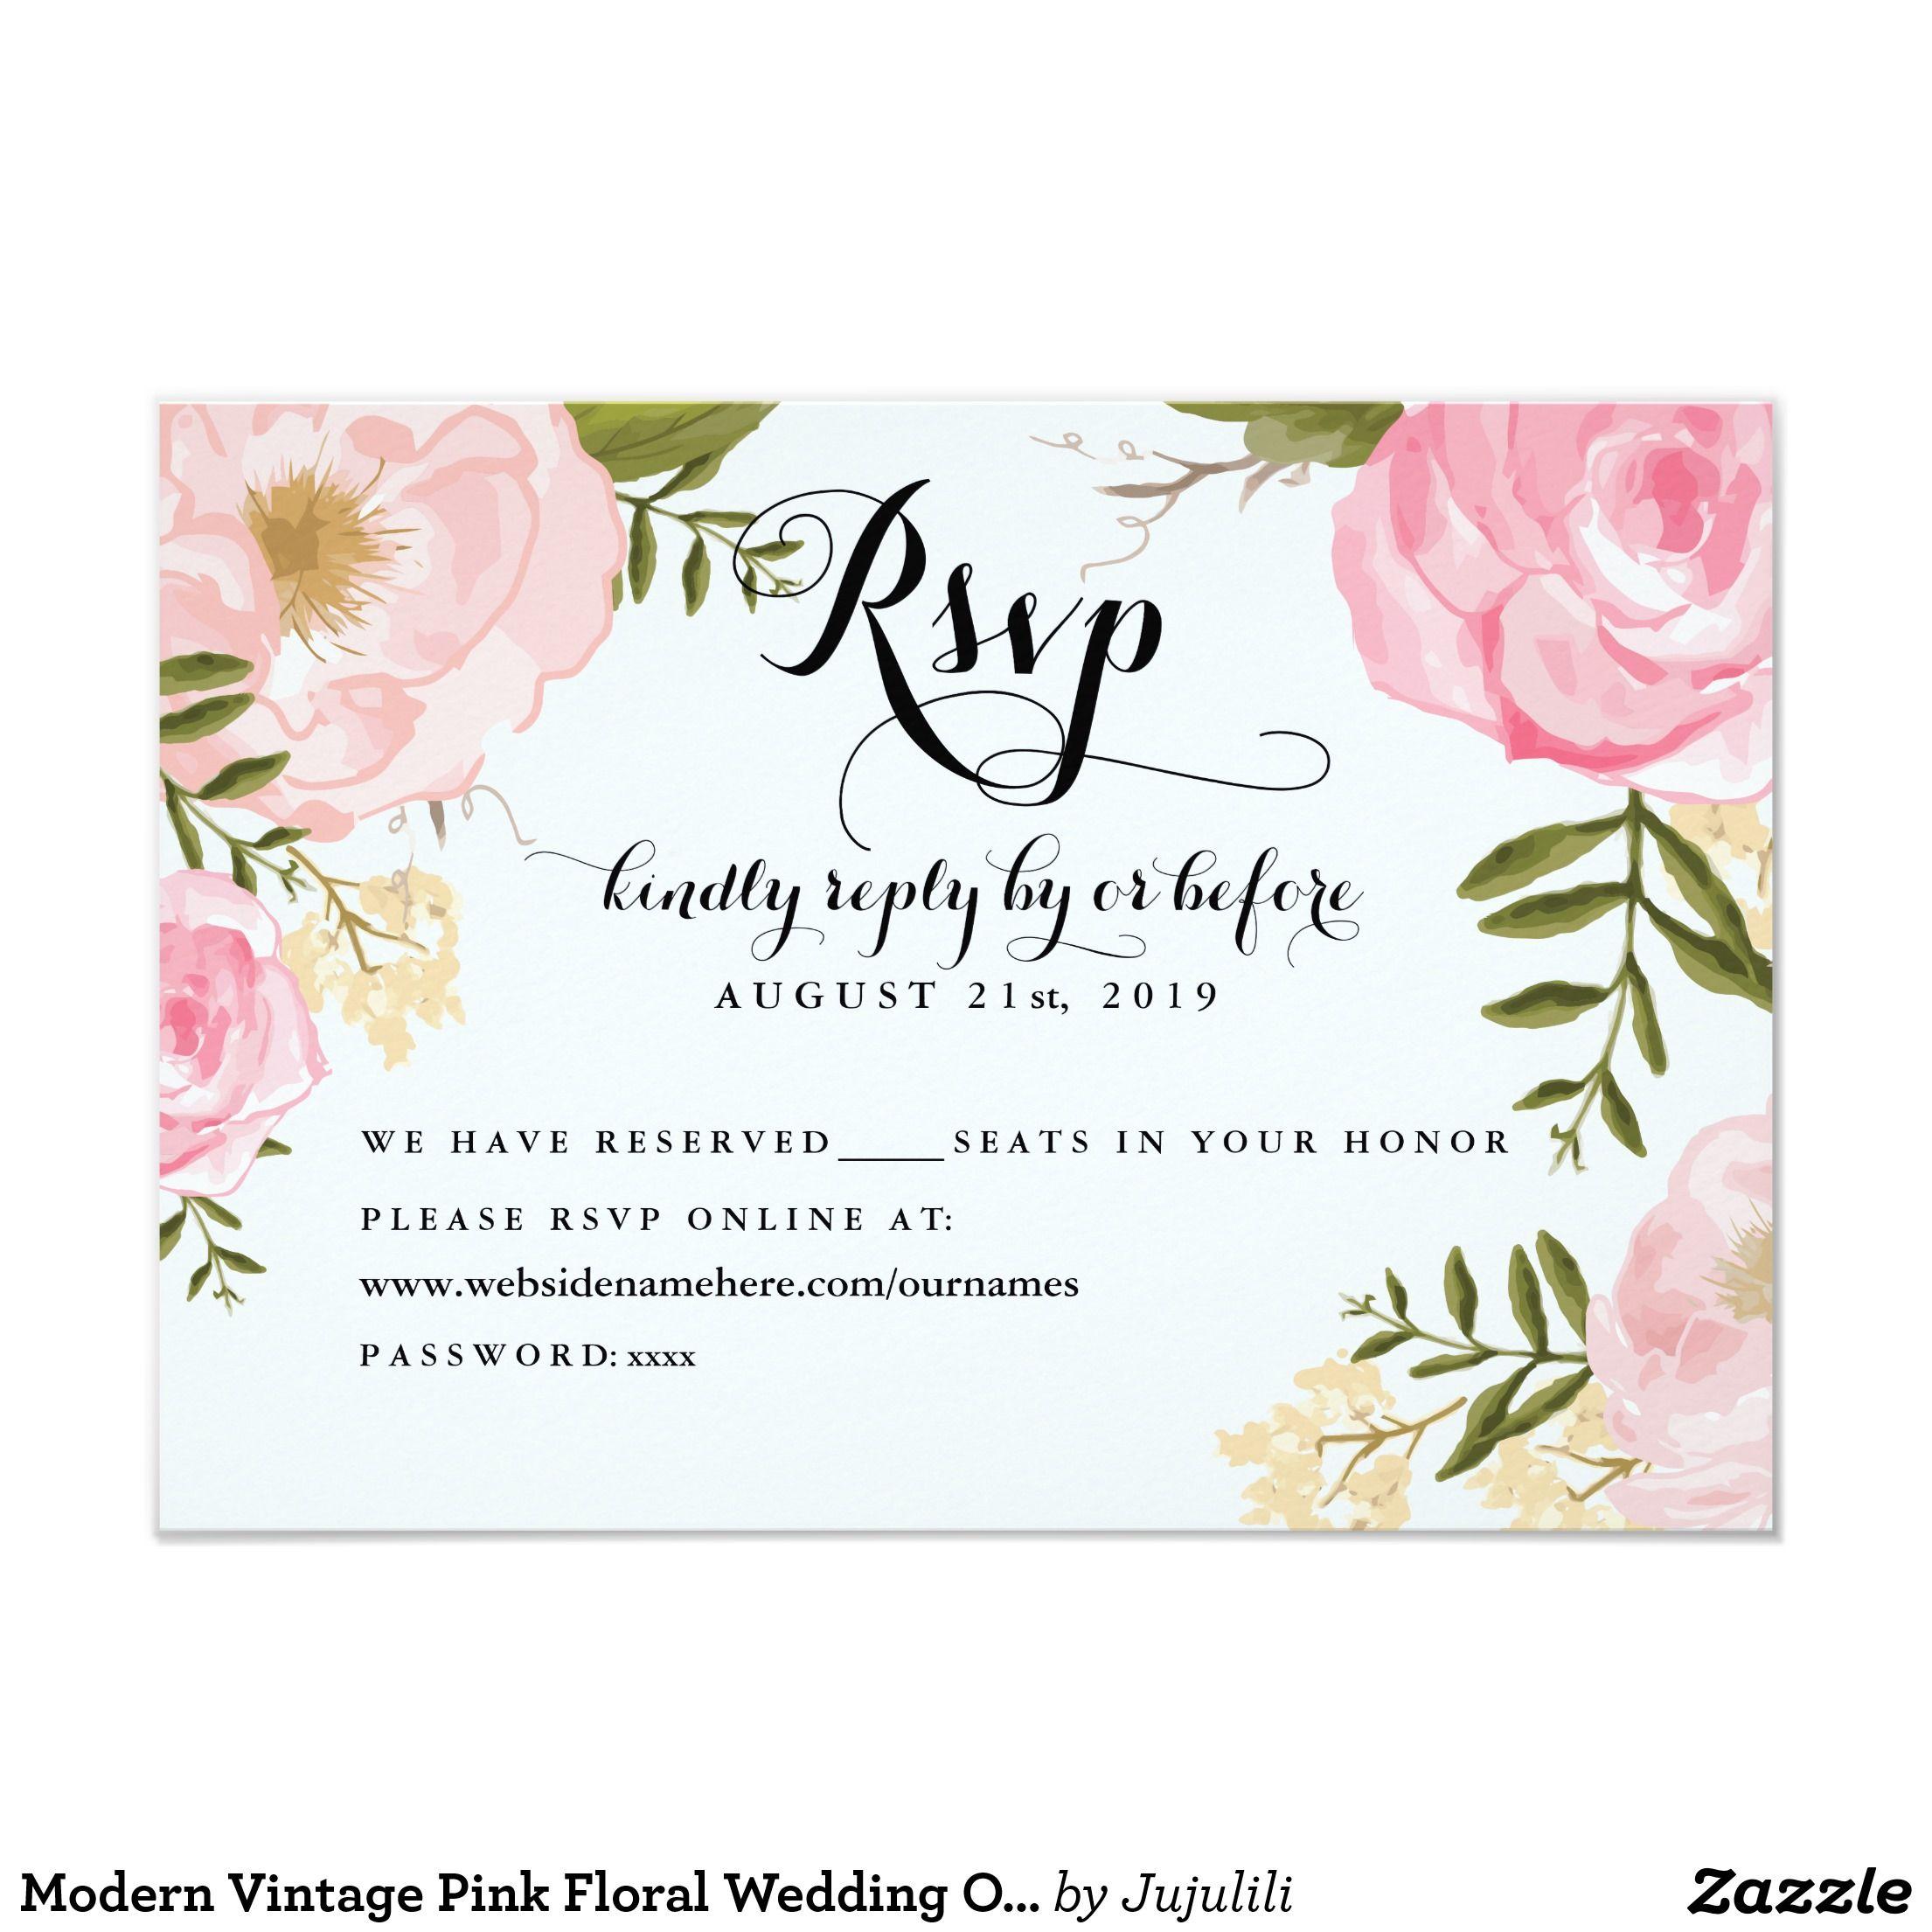 Modern Vintage Pink Floral Wedding Online RSVP 35x5 Paper – Invitation Card Paper